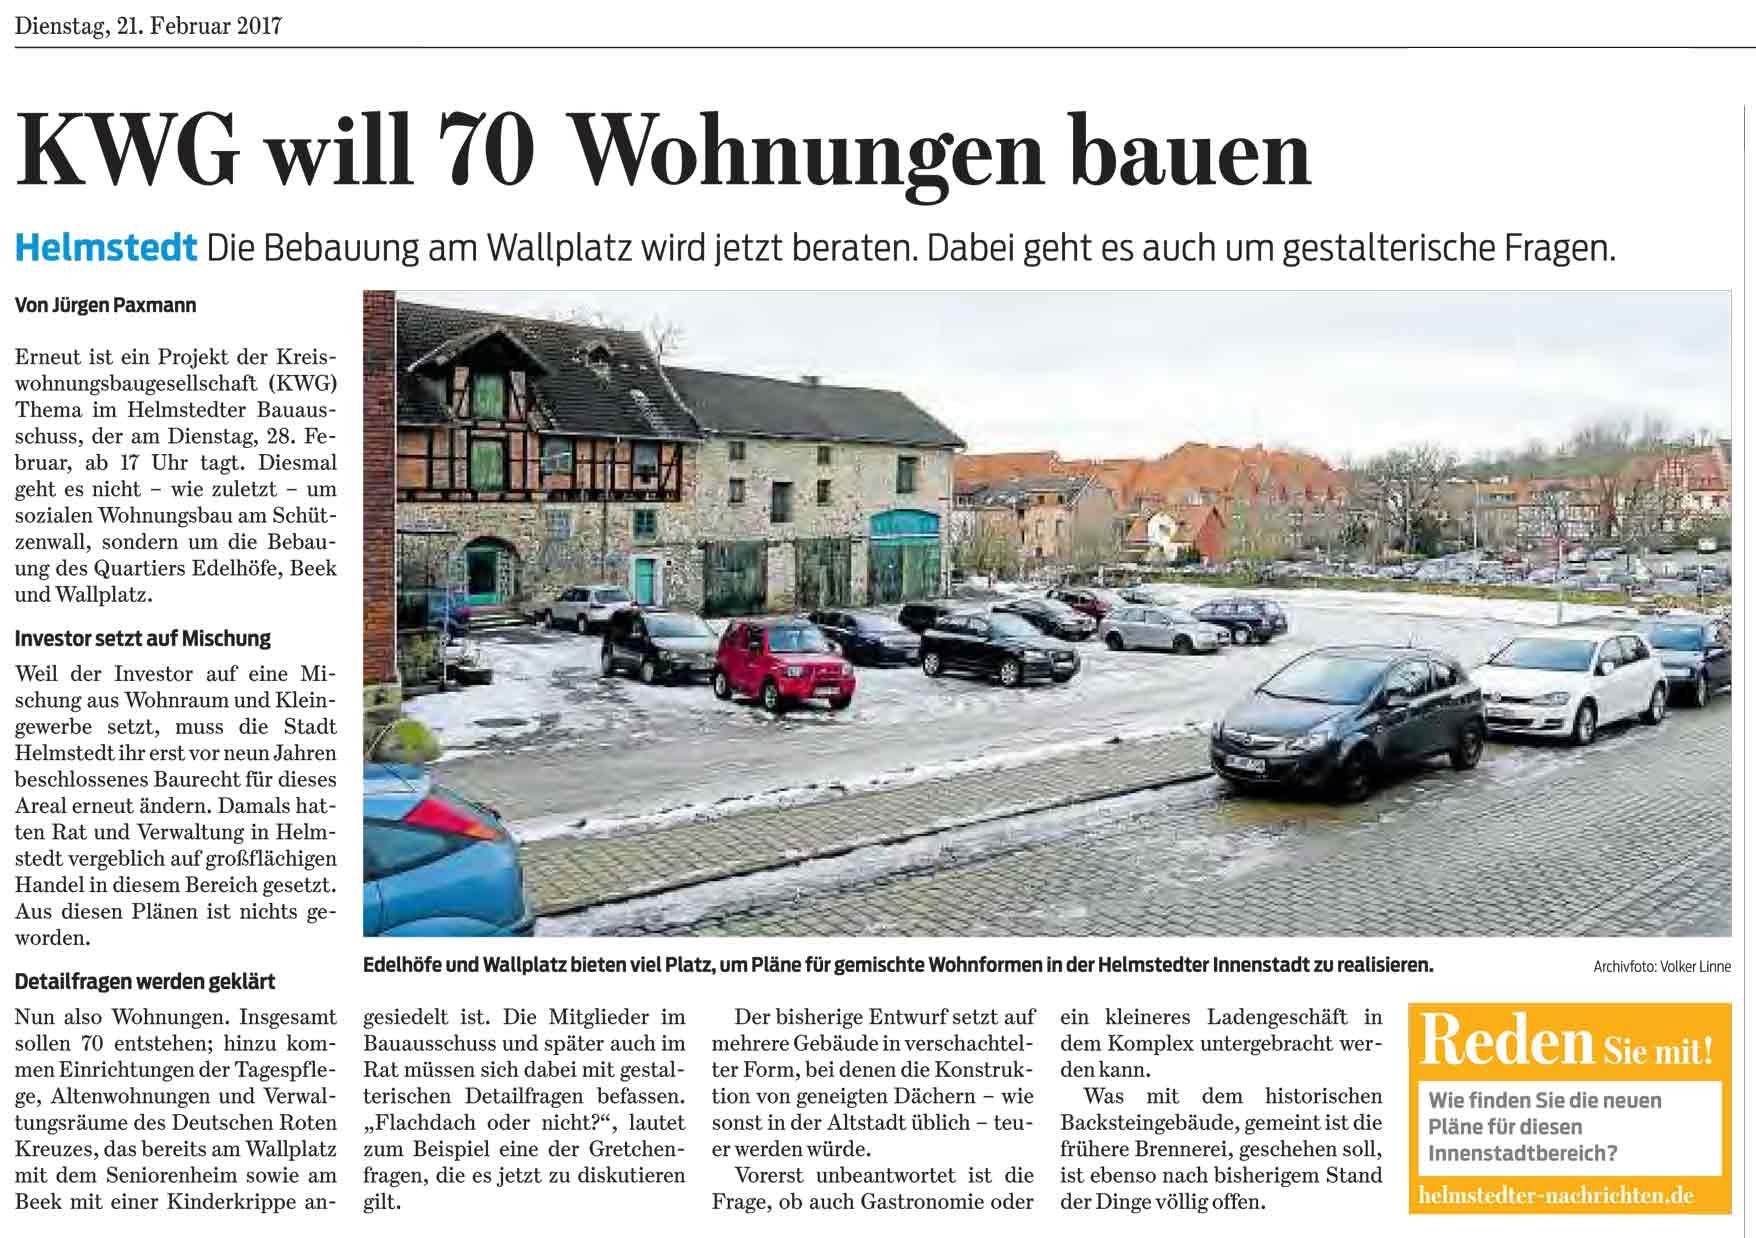 http://www.kwg-helmstedt.de/media/HELMSTEDTWallplatz_2017-004.jpg